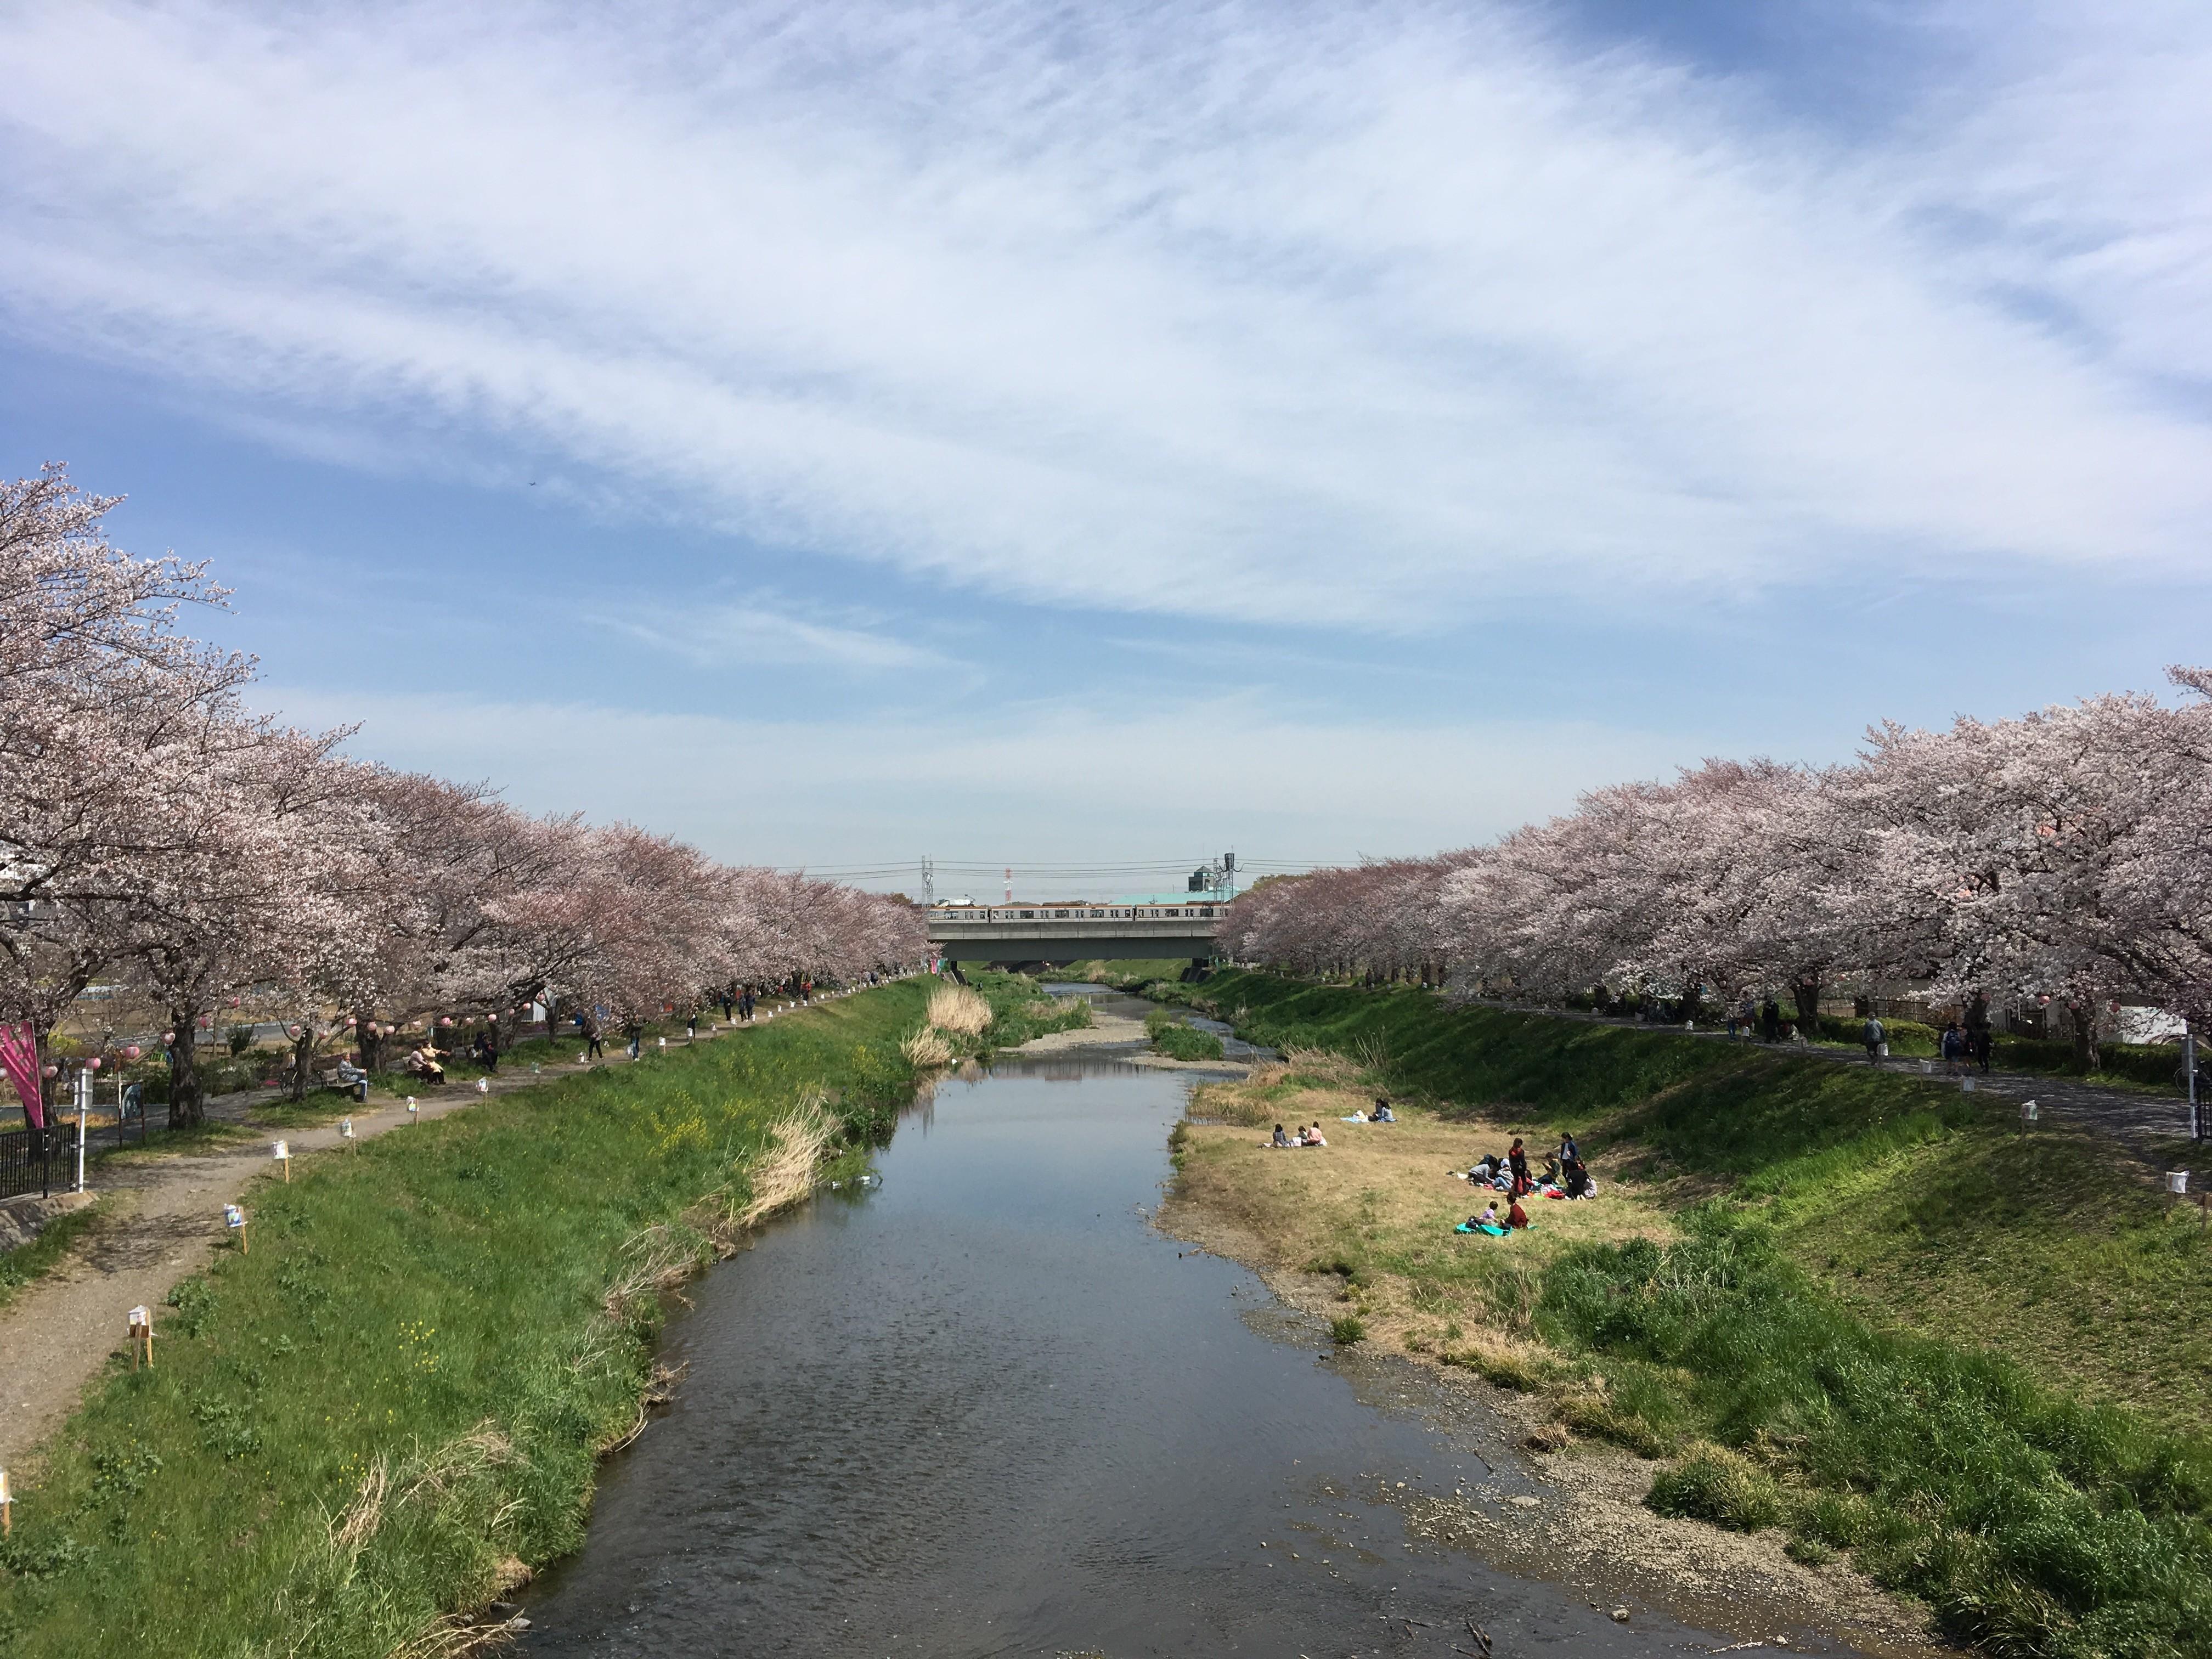 黒目川遊歩道の東林橋から両岸の桜を望む